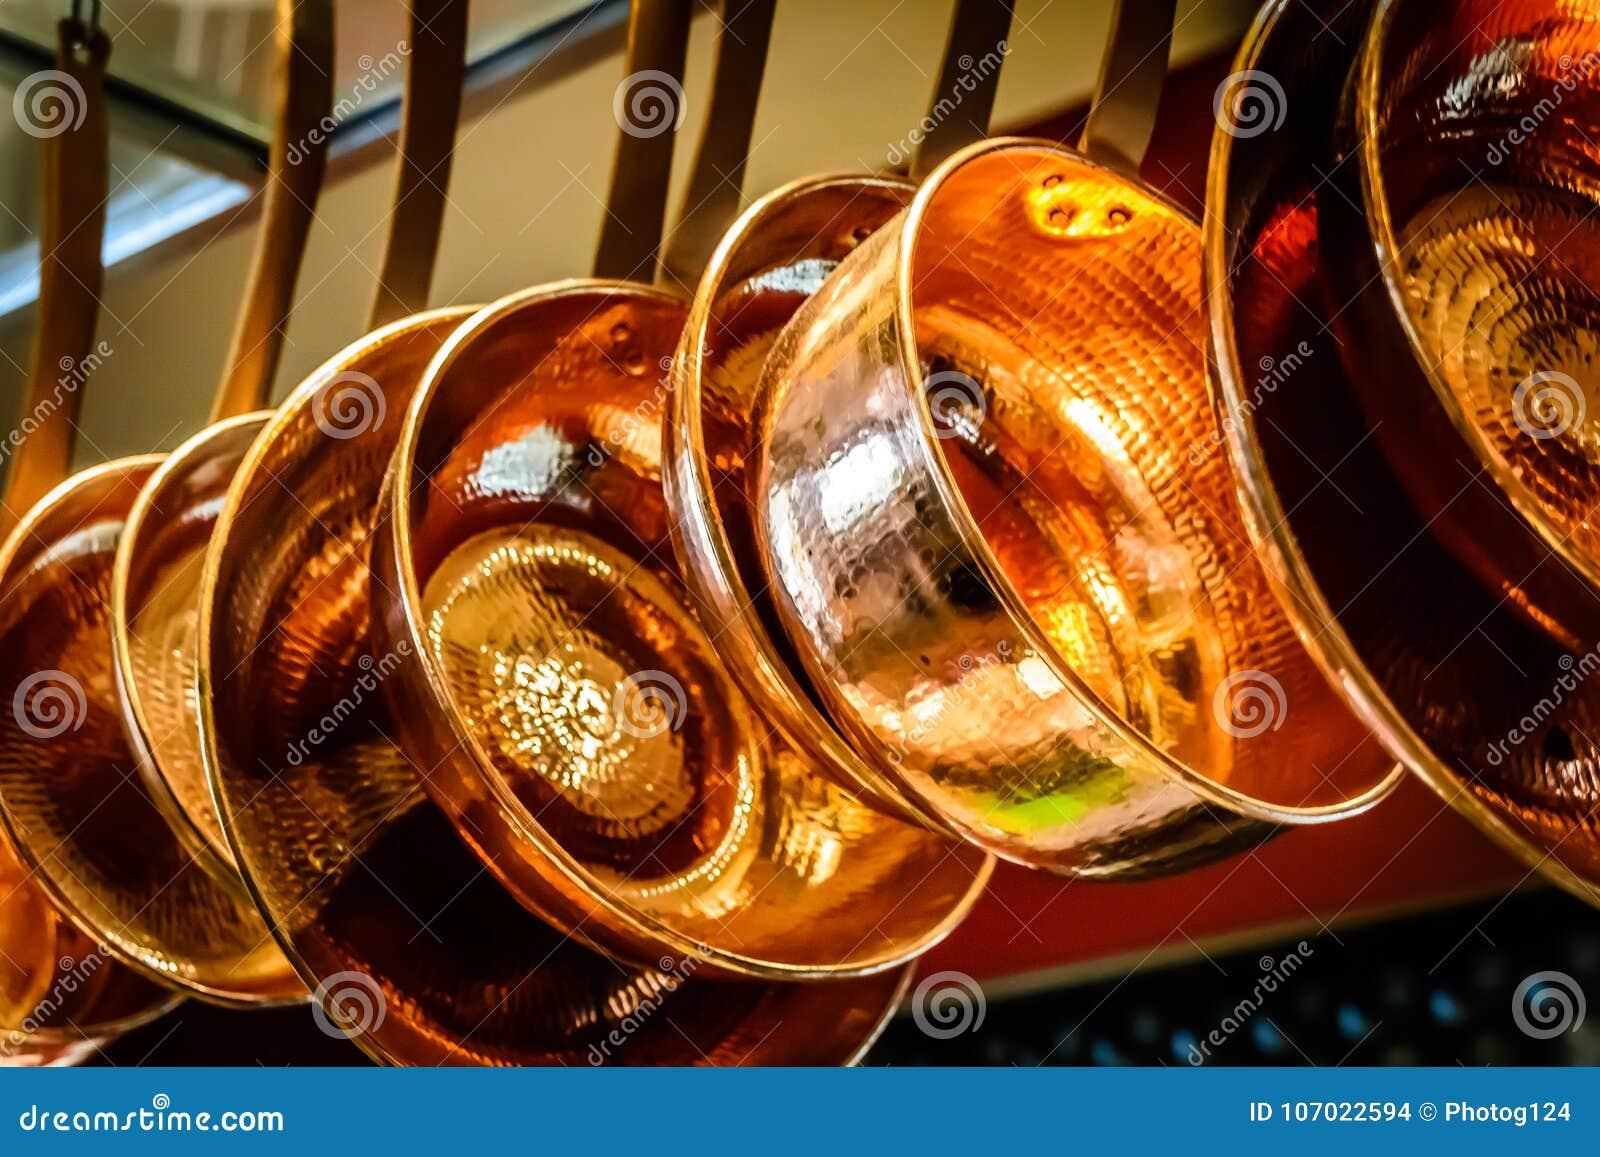 Hanging copper pots pans saucepans Hanging Copper